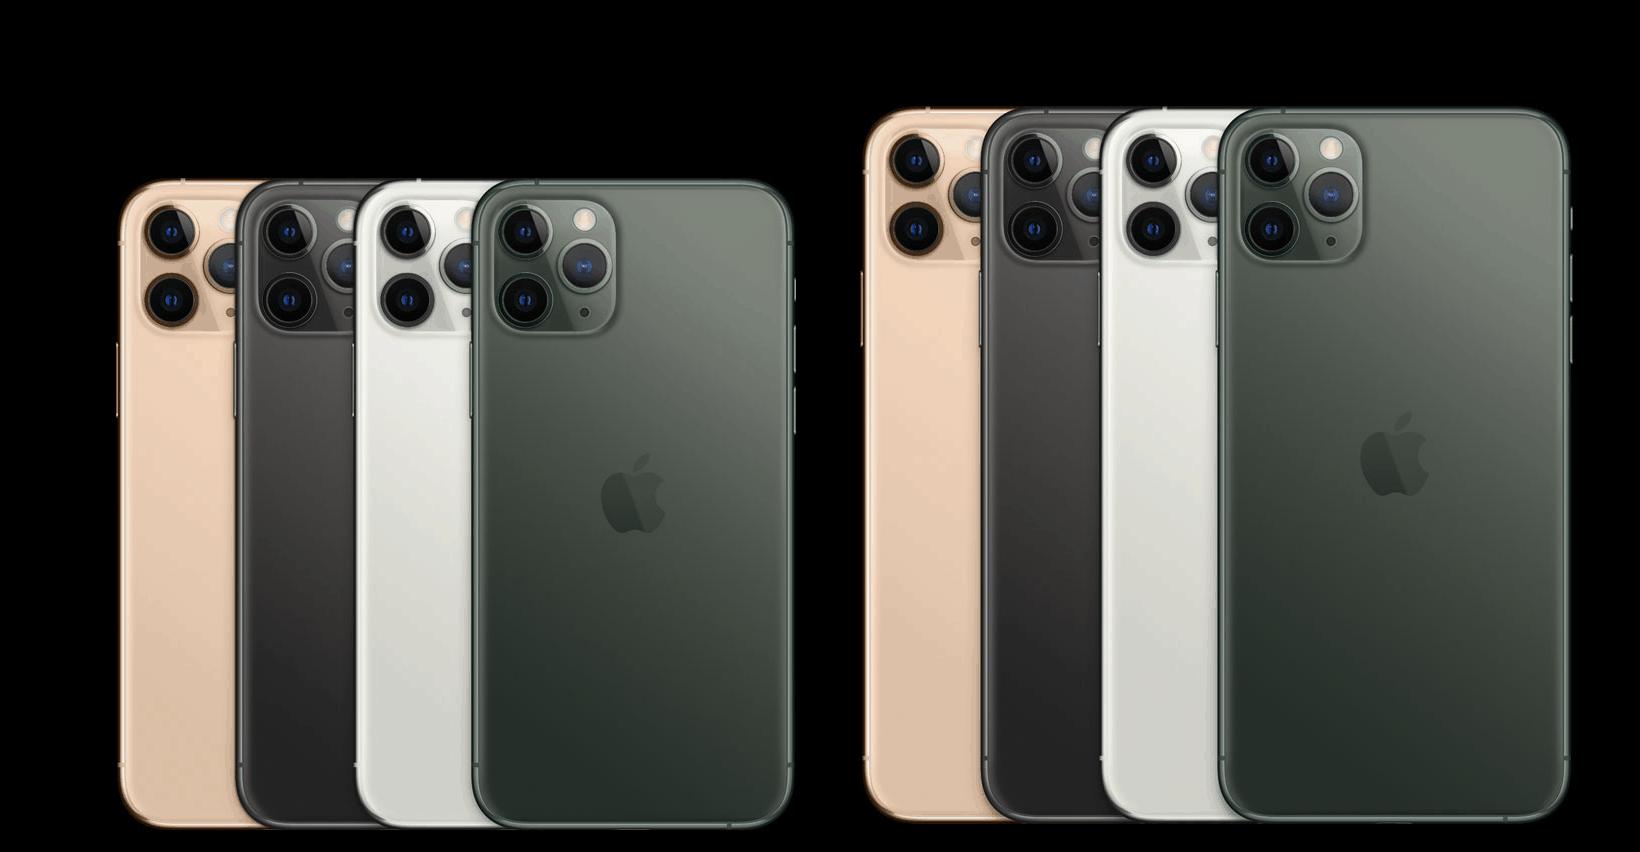 apple iphone 11 Pro e Pro Max 6 - iPhone 11 Apple : modelli prezzi caratteristiche a confronto